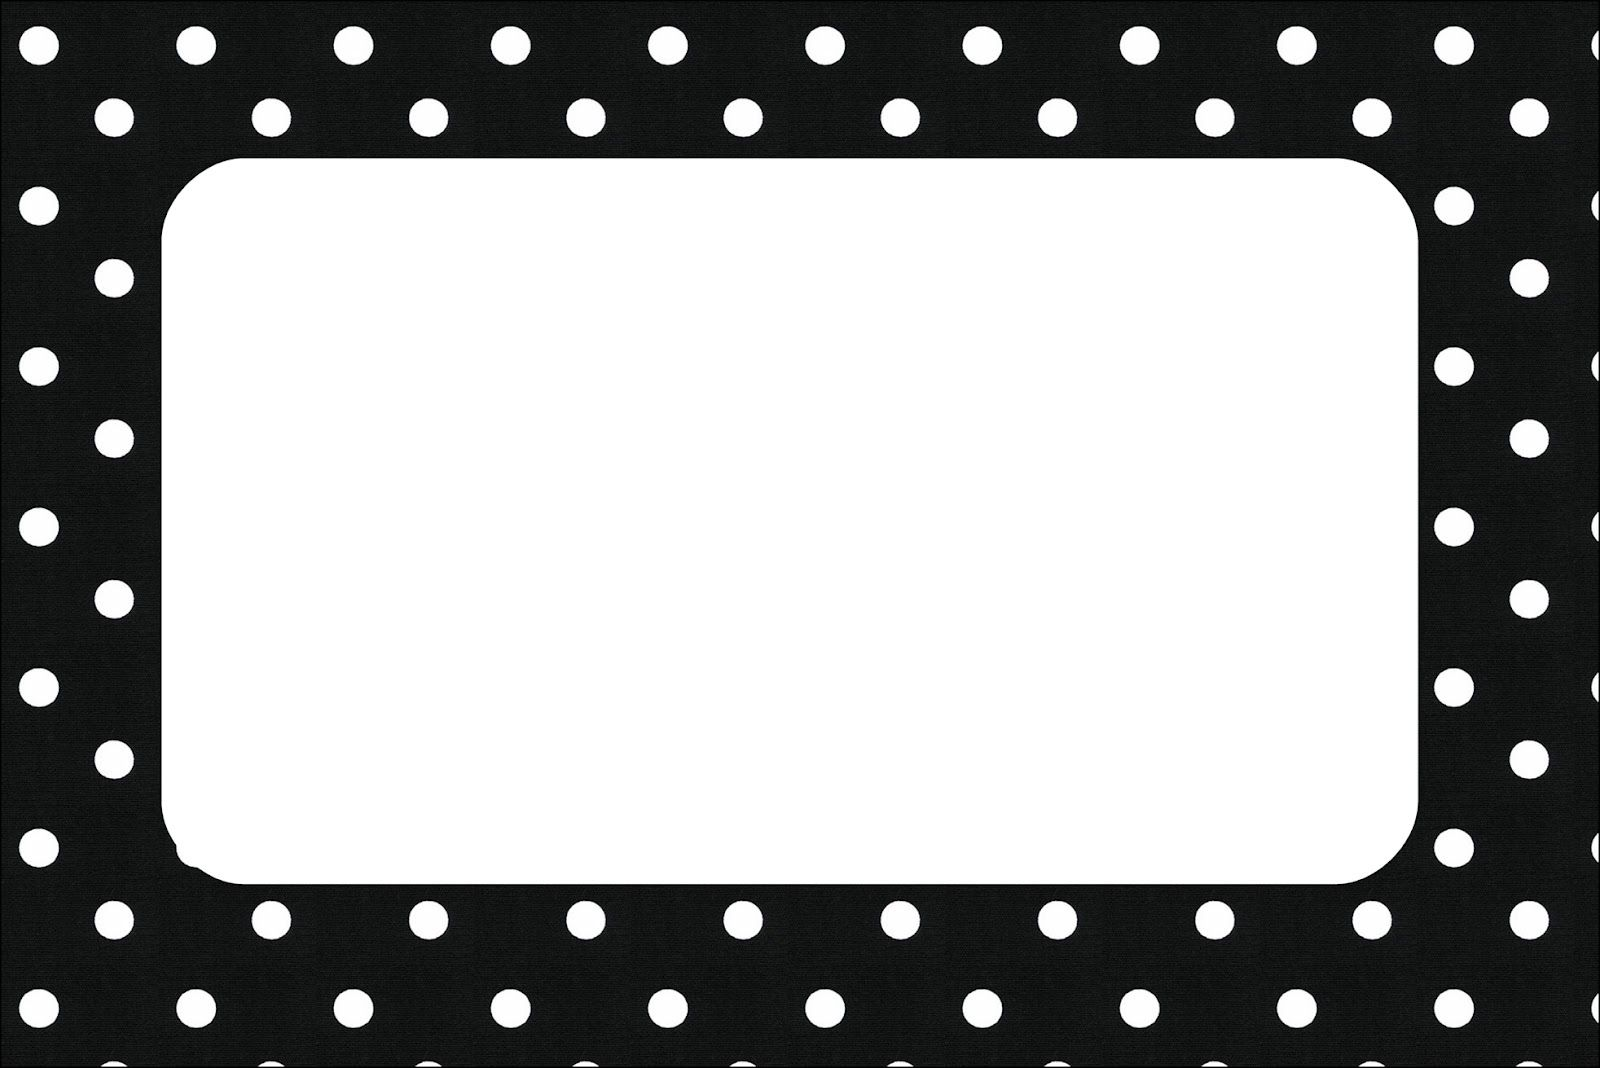 13 moldura convite e - photo #11